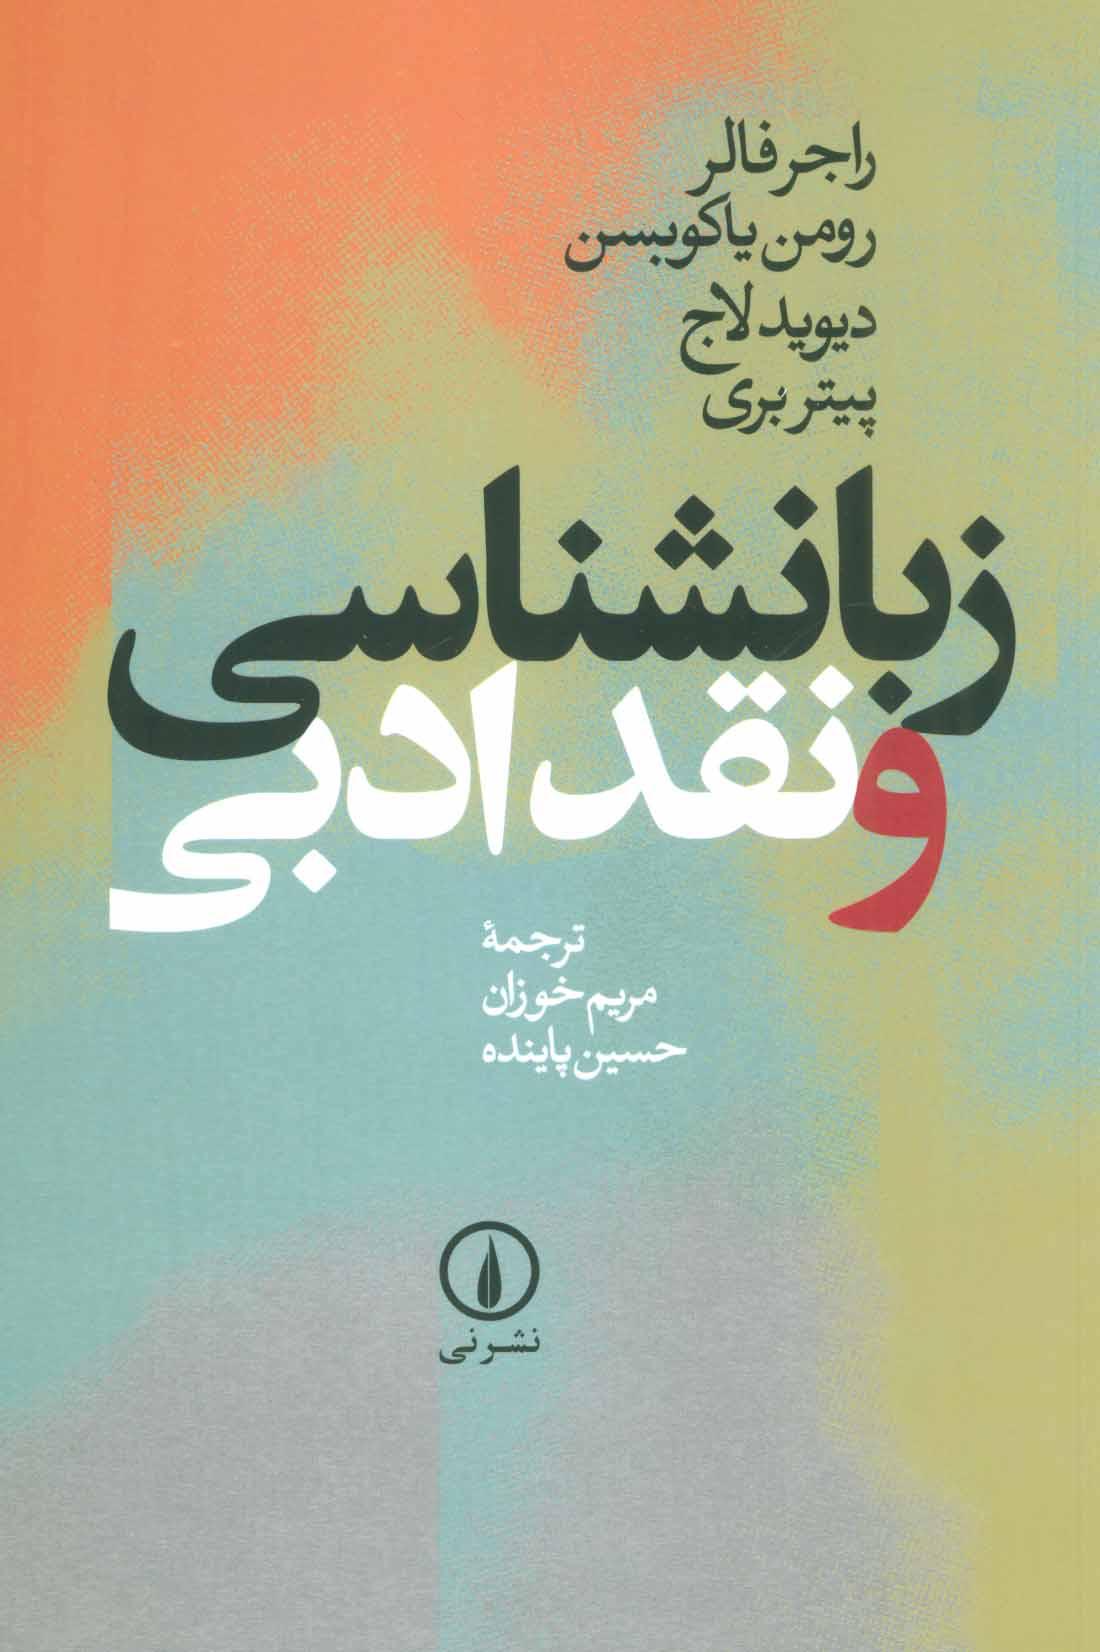 زبانشناسی و نقد ادبی